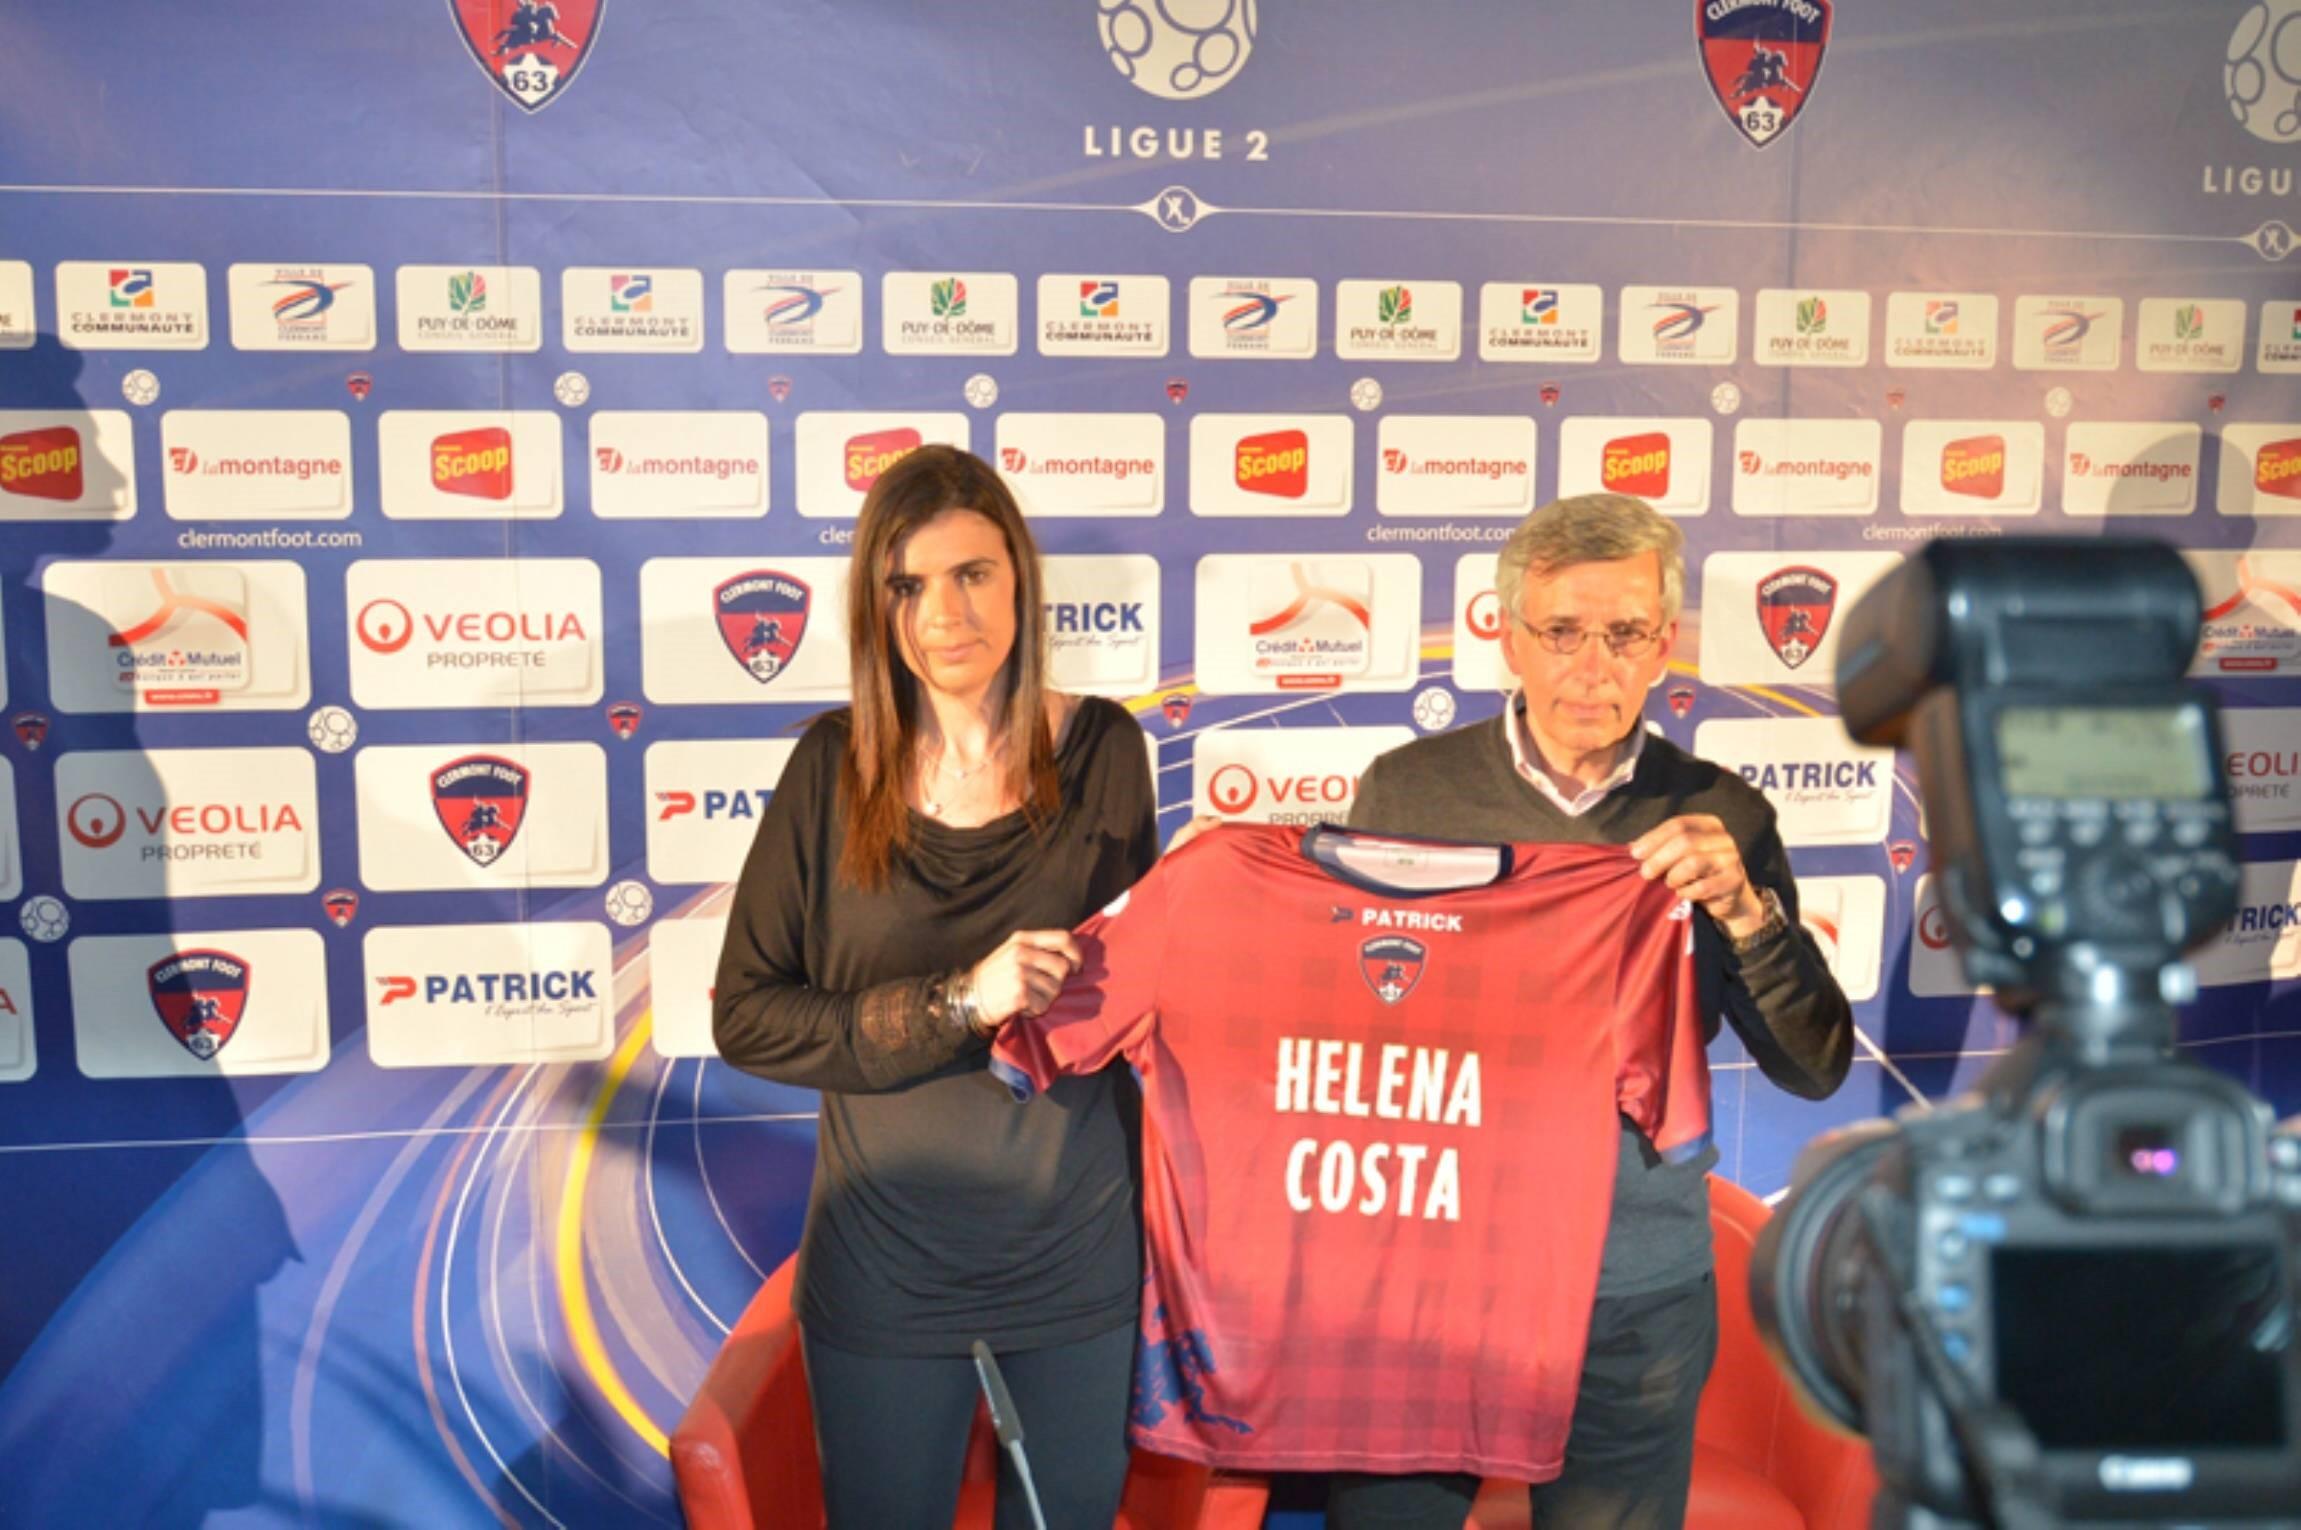 Хелена Кошта – первая женщина-тренер «Клермона»